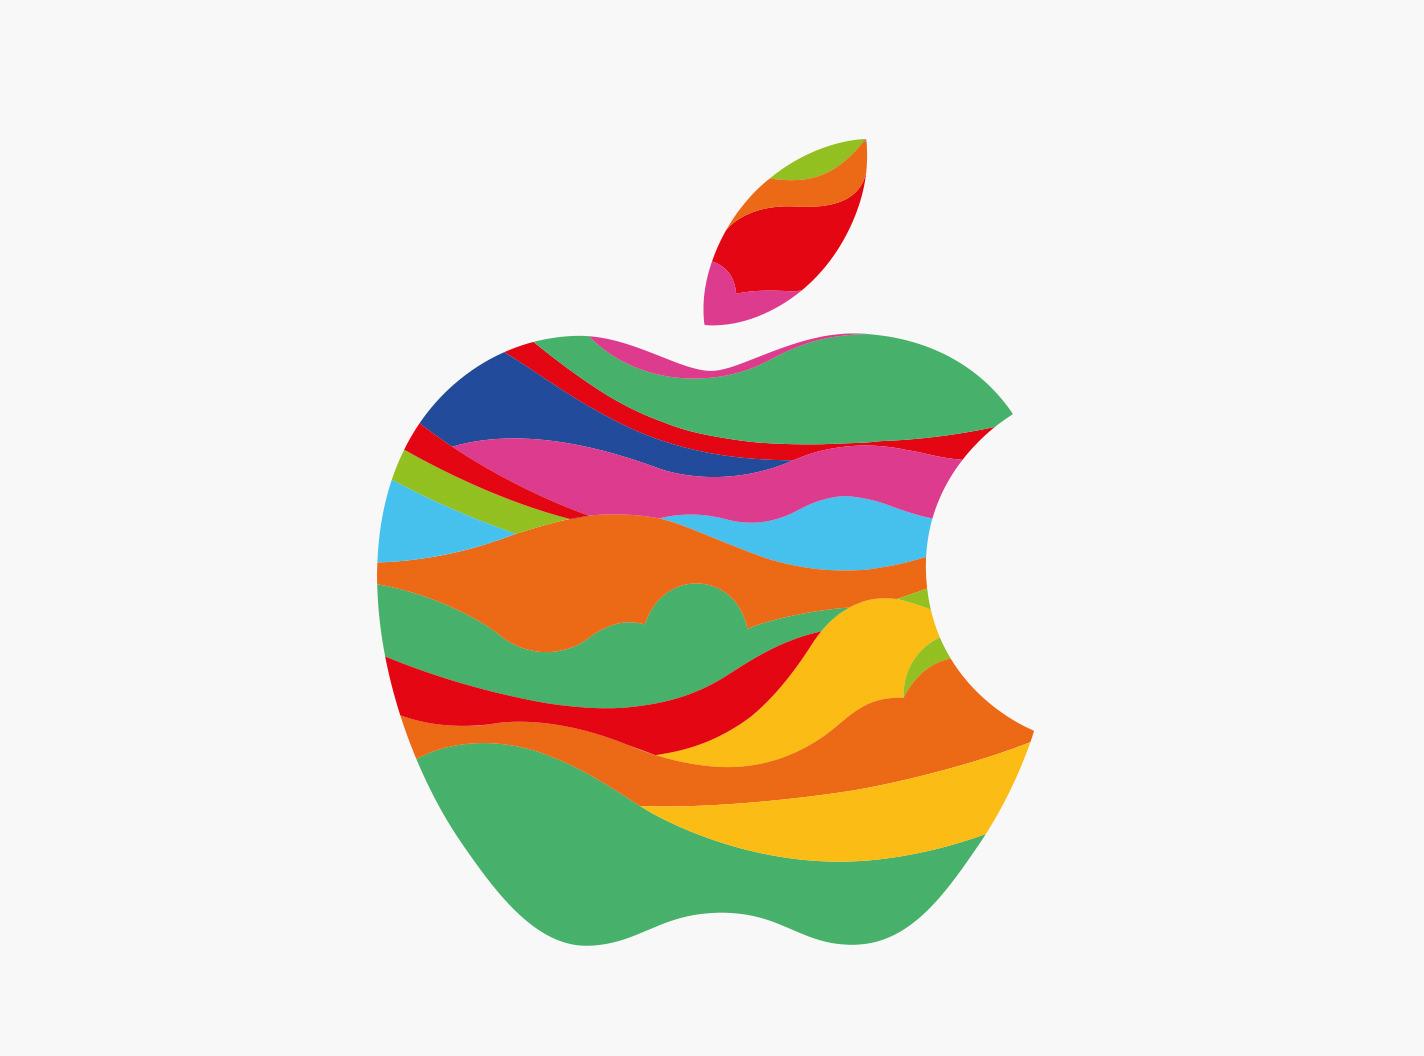 Actualizaciones: iOS 14.7, watchOS 7.6, tvOS 14.7 y HomePod 14.7 traen interesantes novedades